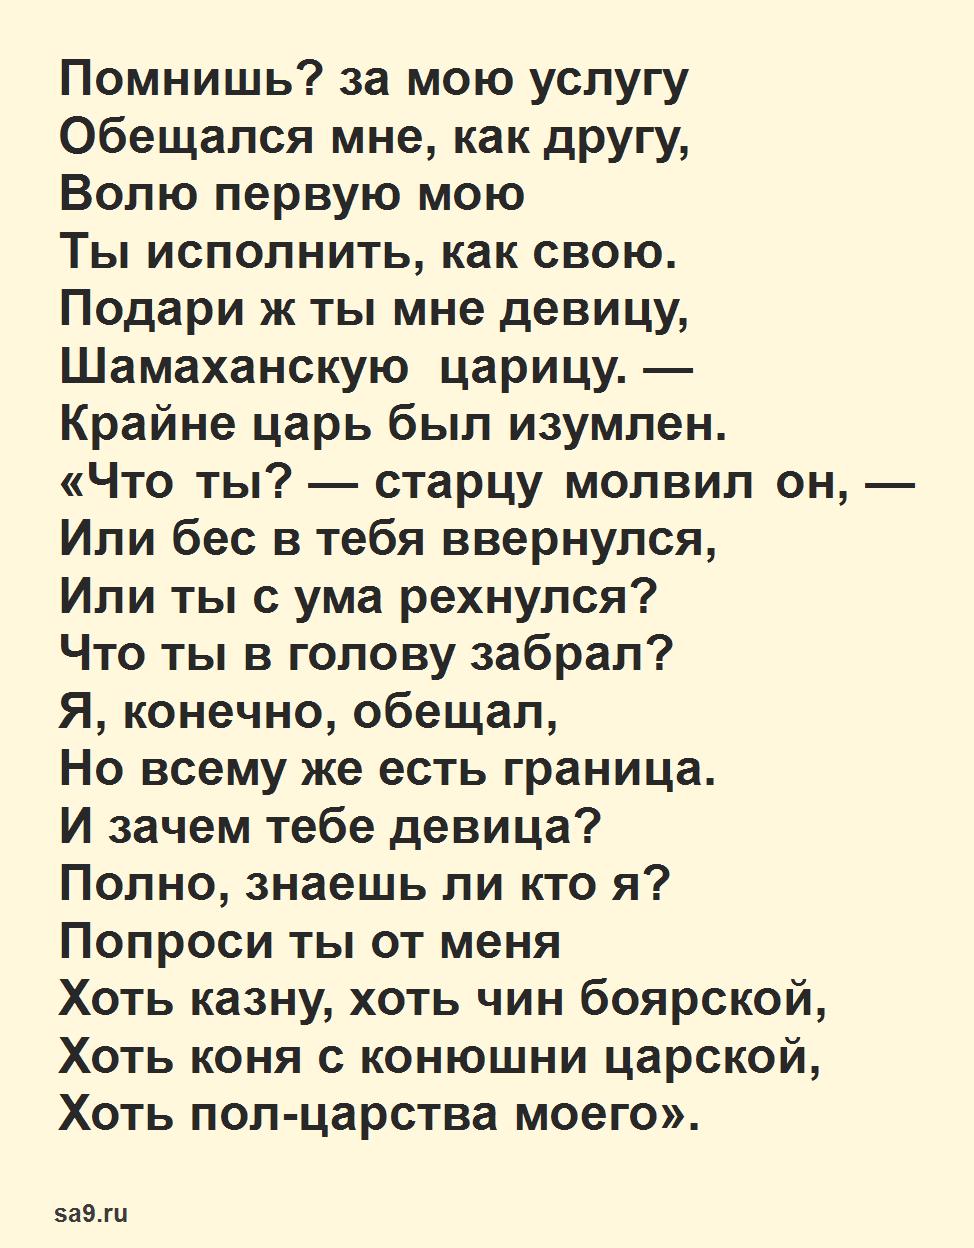 Читать сказку Пушкина 'О золотом петушке', полностью